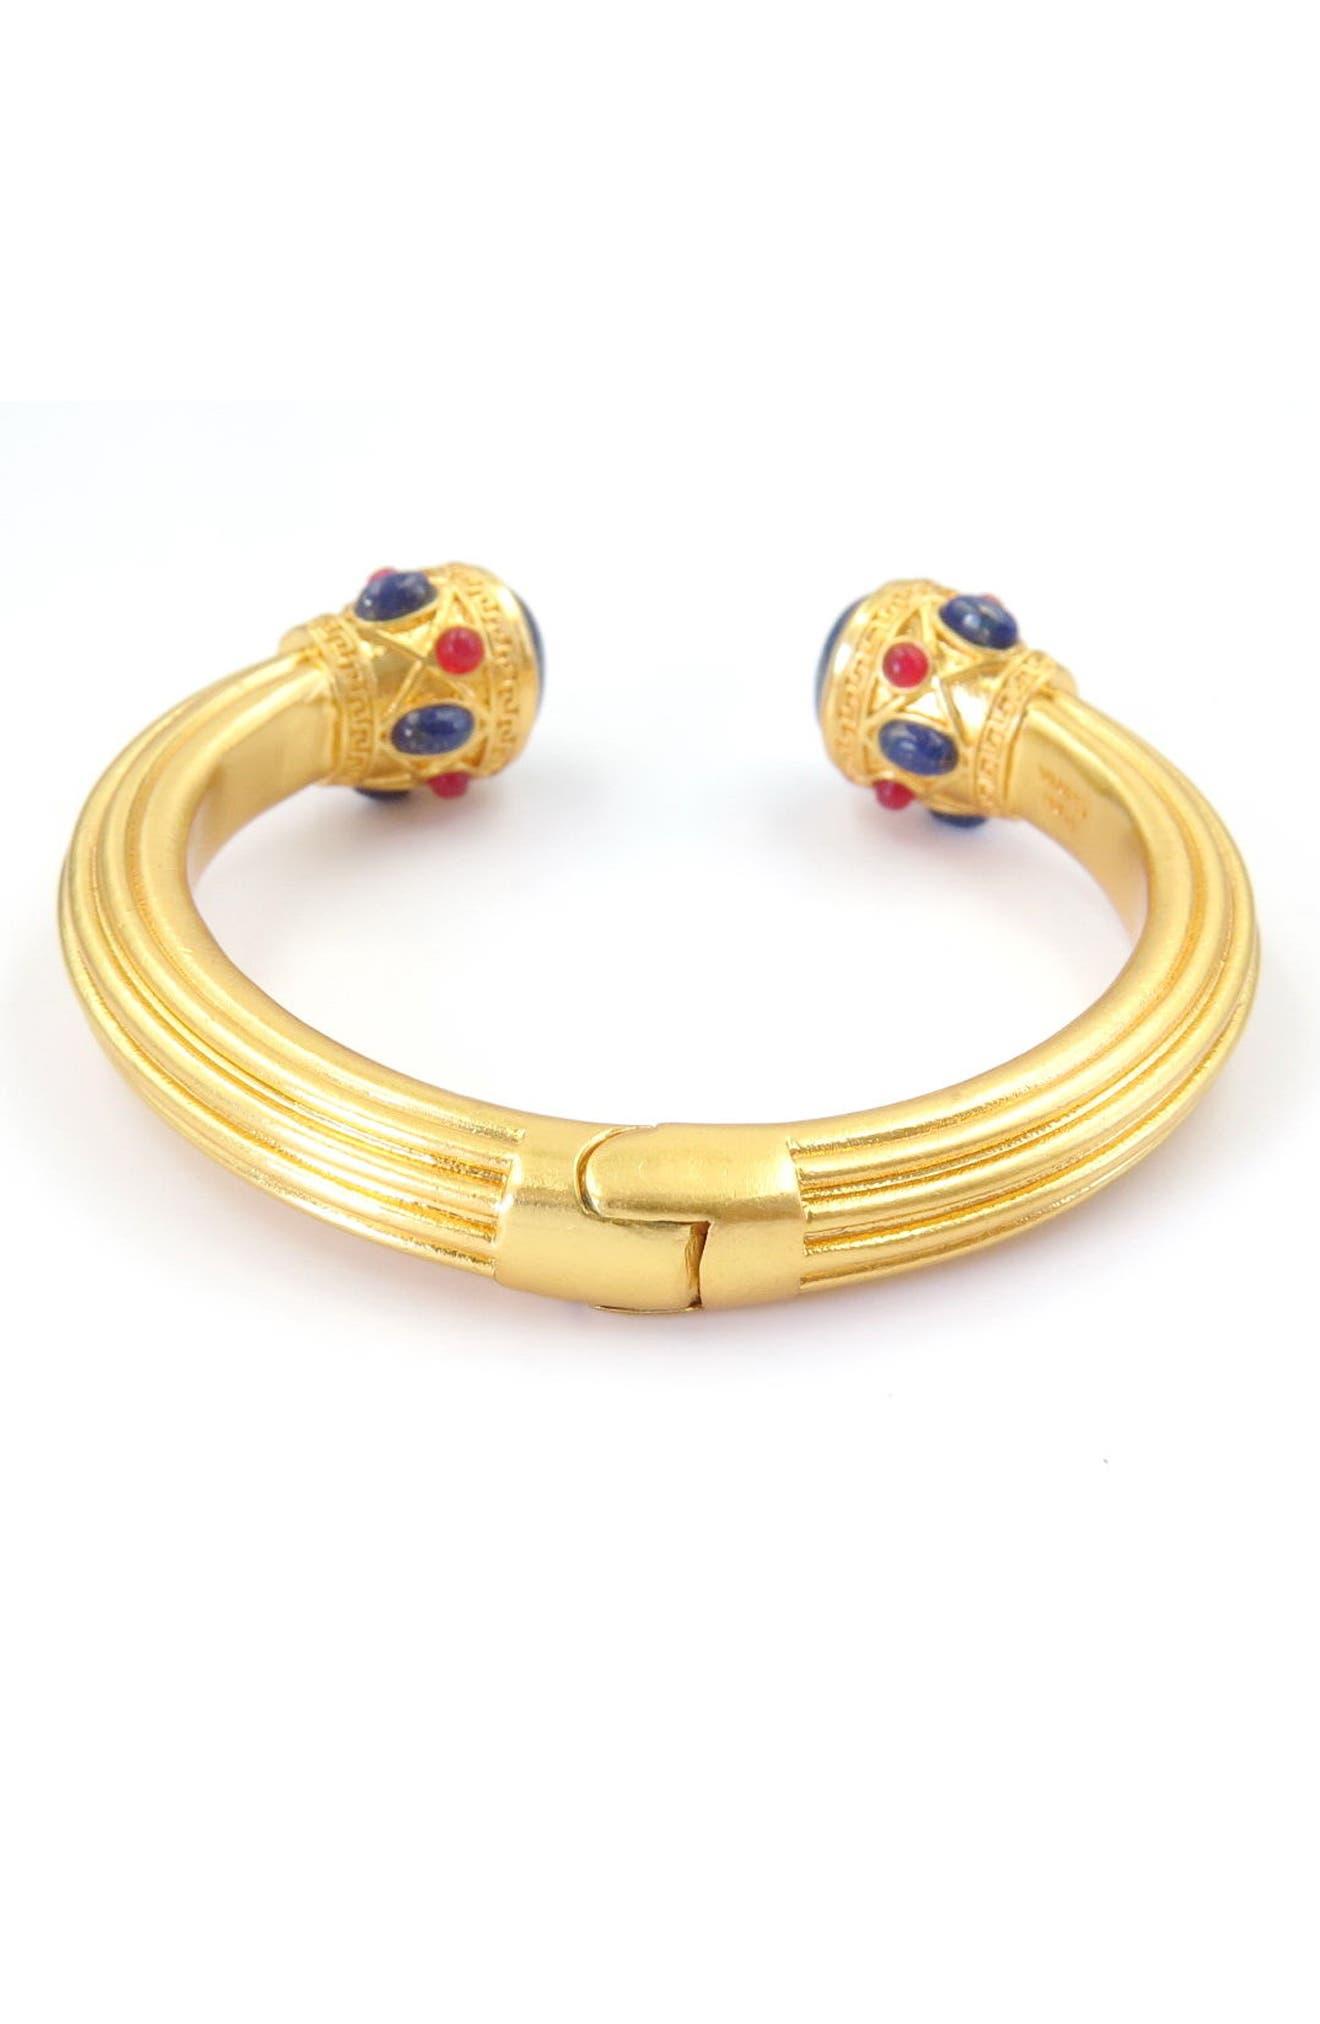 Lapis & Quartzite Cuff Bracelet,                             Alternate thumbnail 2, color,                             710